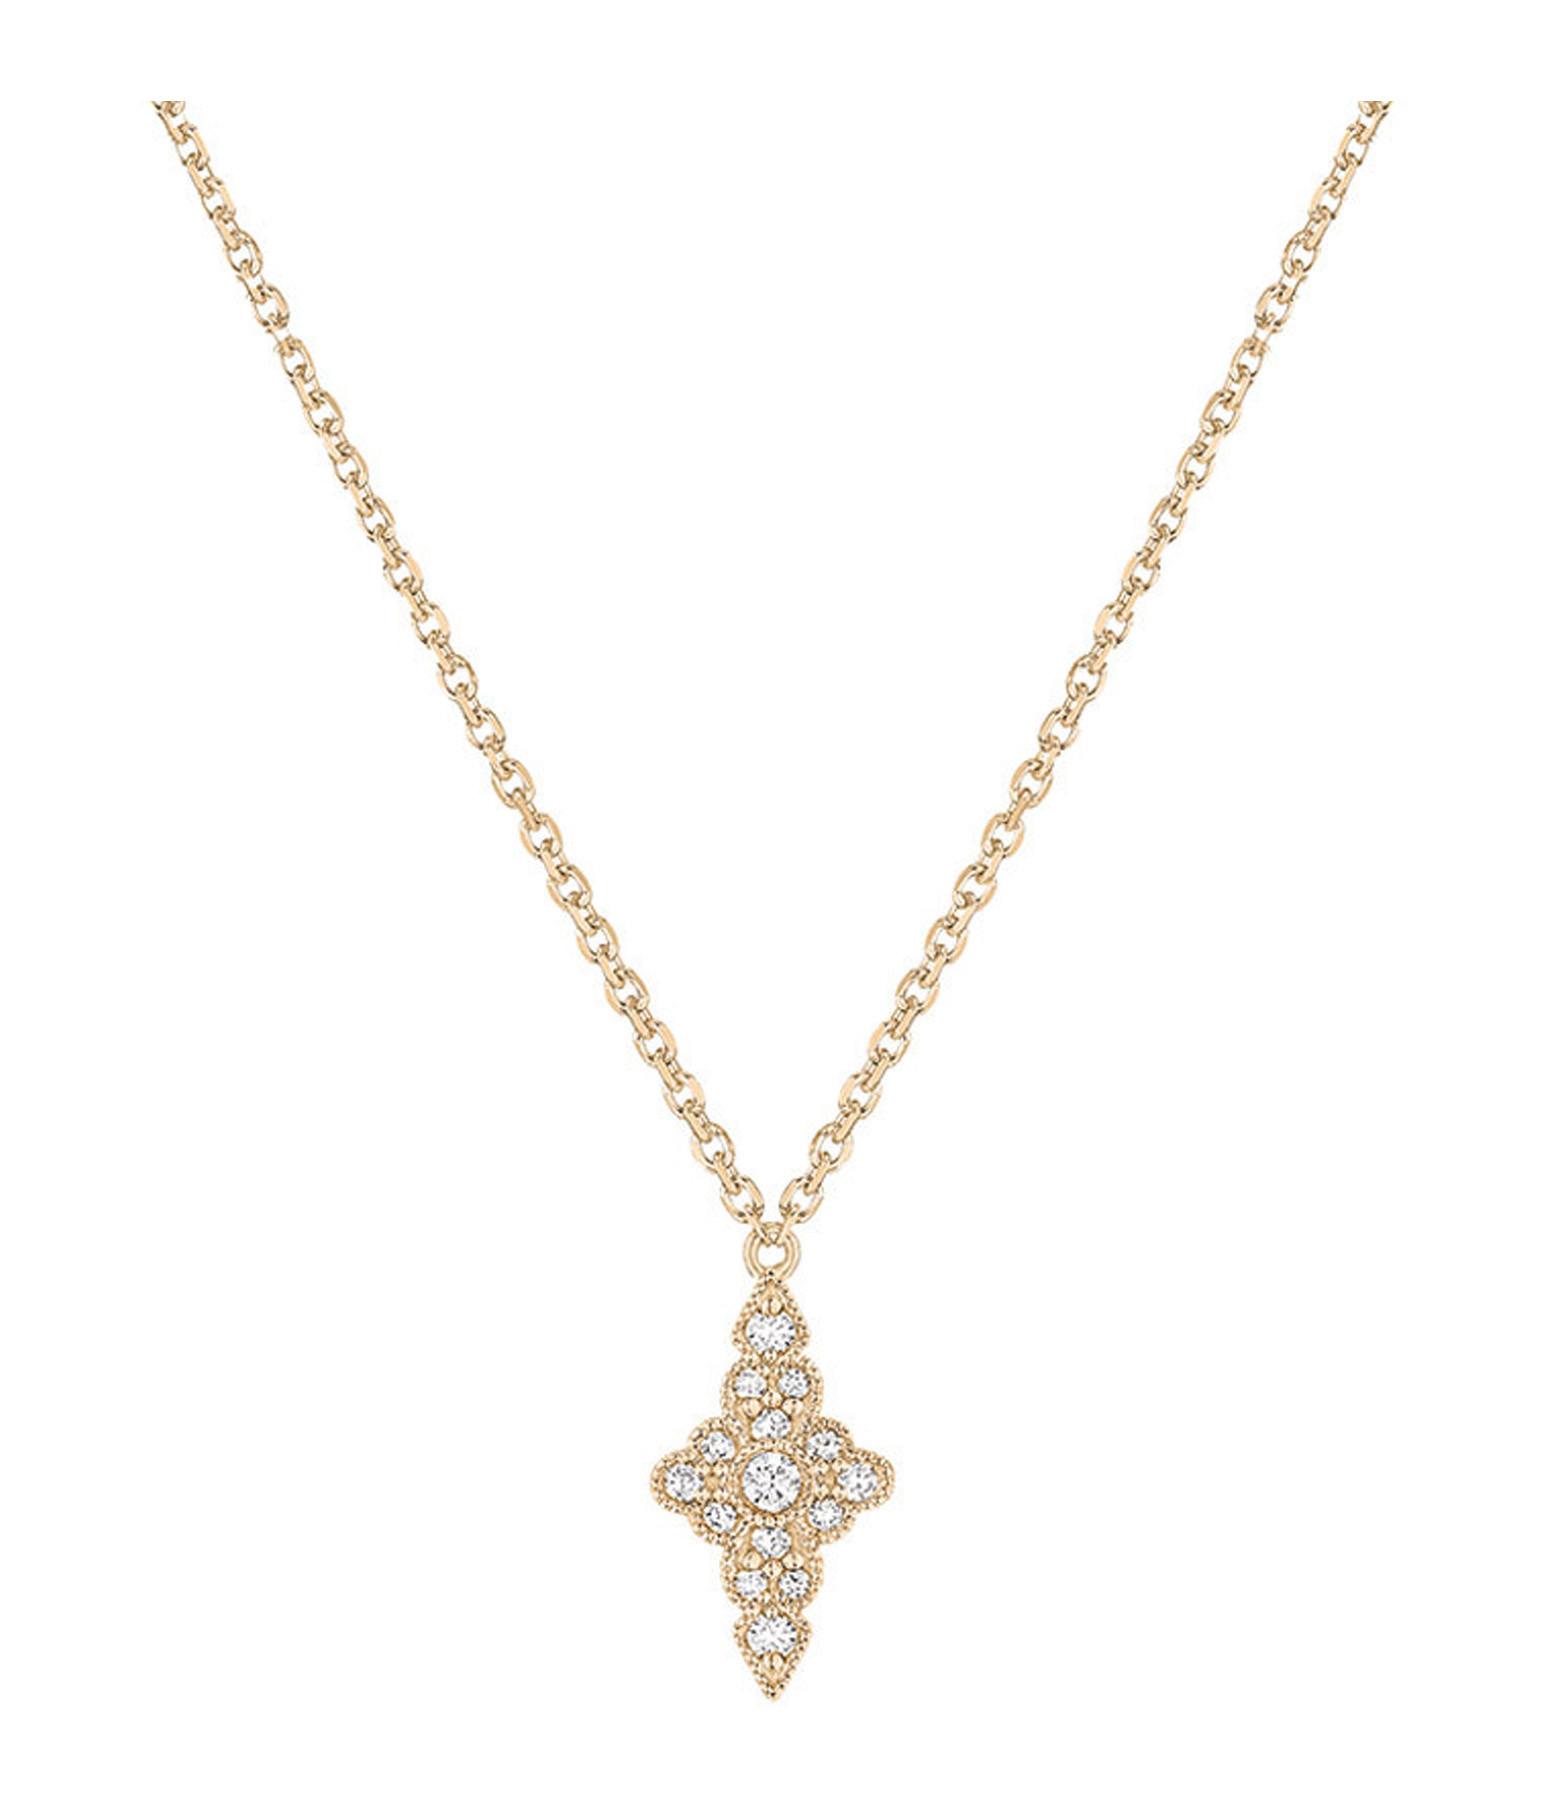 STONE PARIS - Collier Jade Diamants Or Jaune